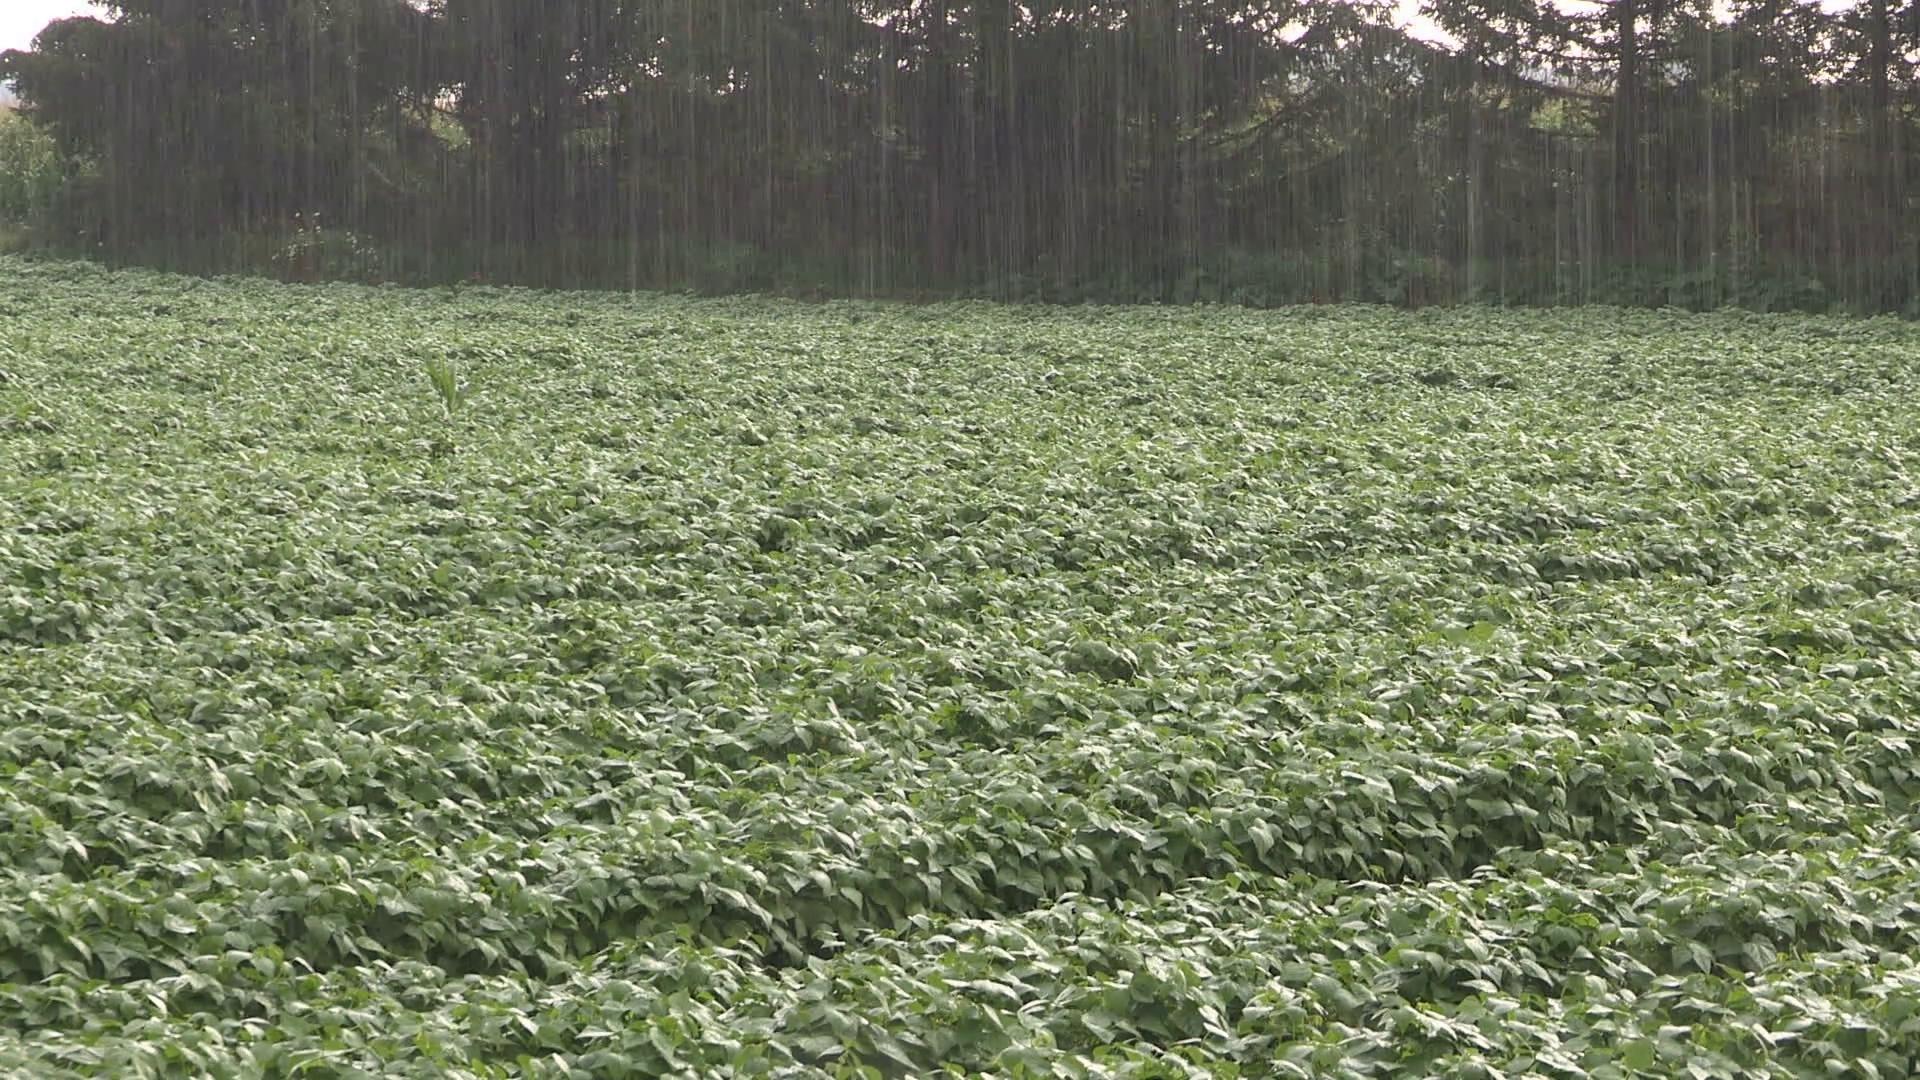 βροχή_και_καλλιέργειες